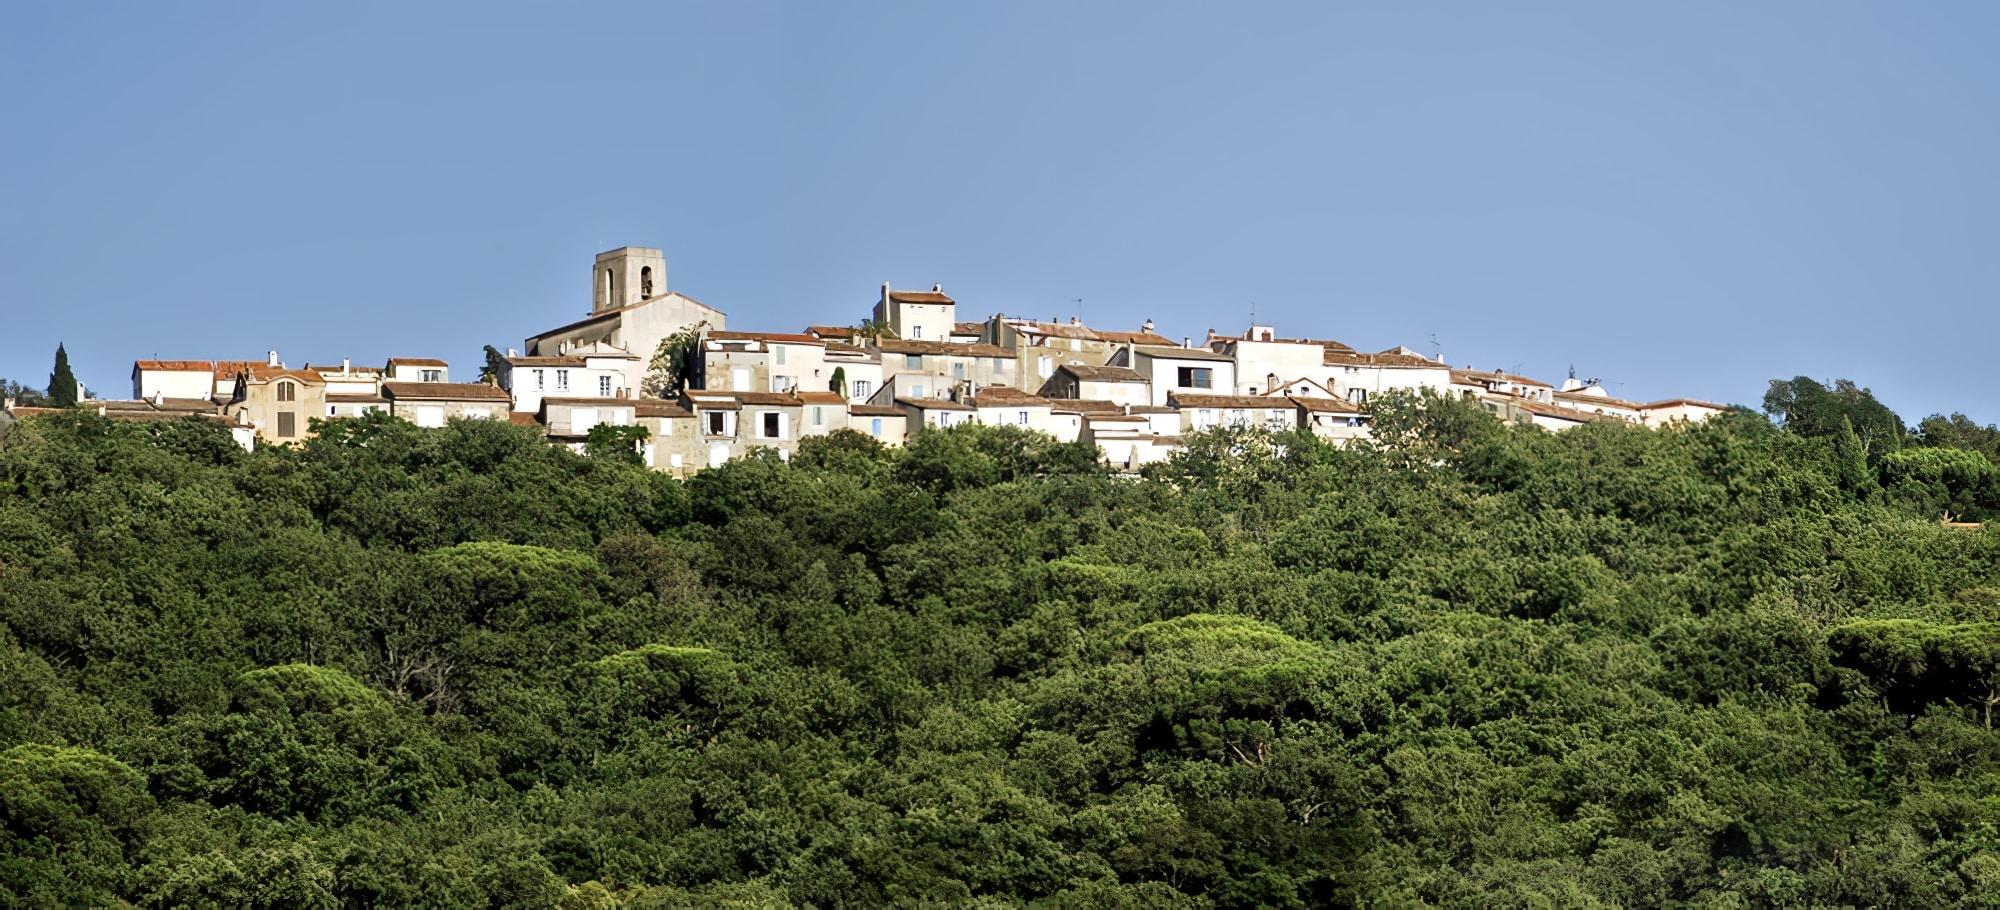 Village France